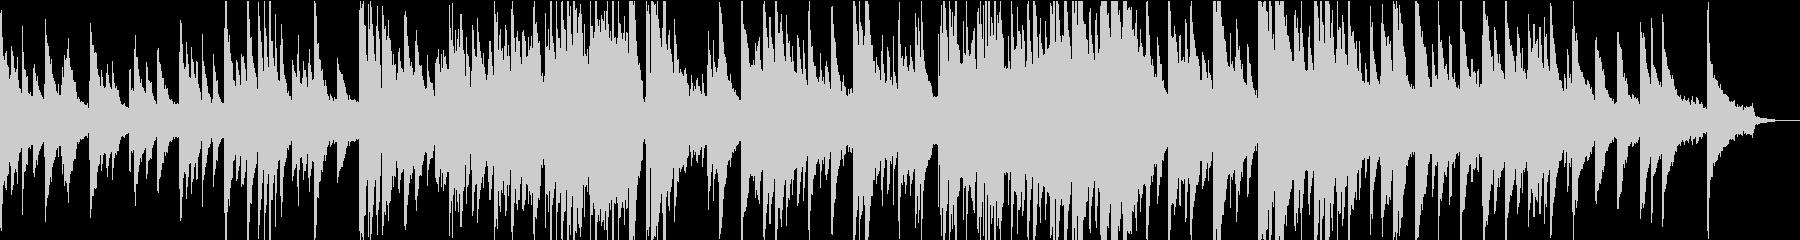 ピアノとパッドのゆったり和風曲の未再生の波形